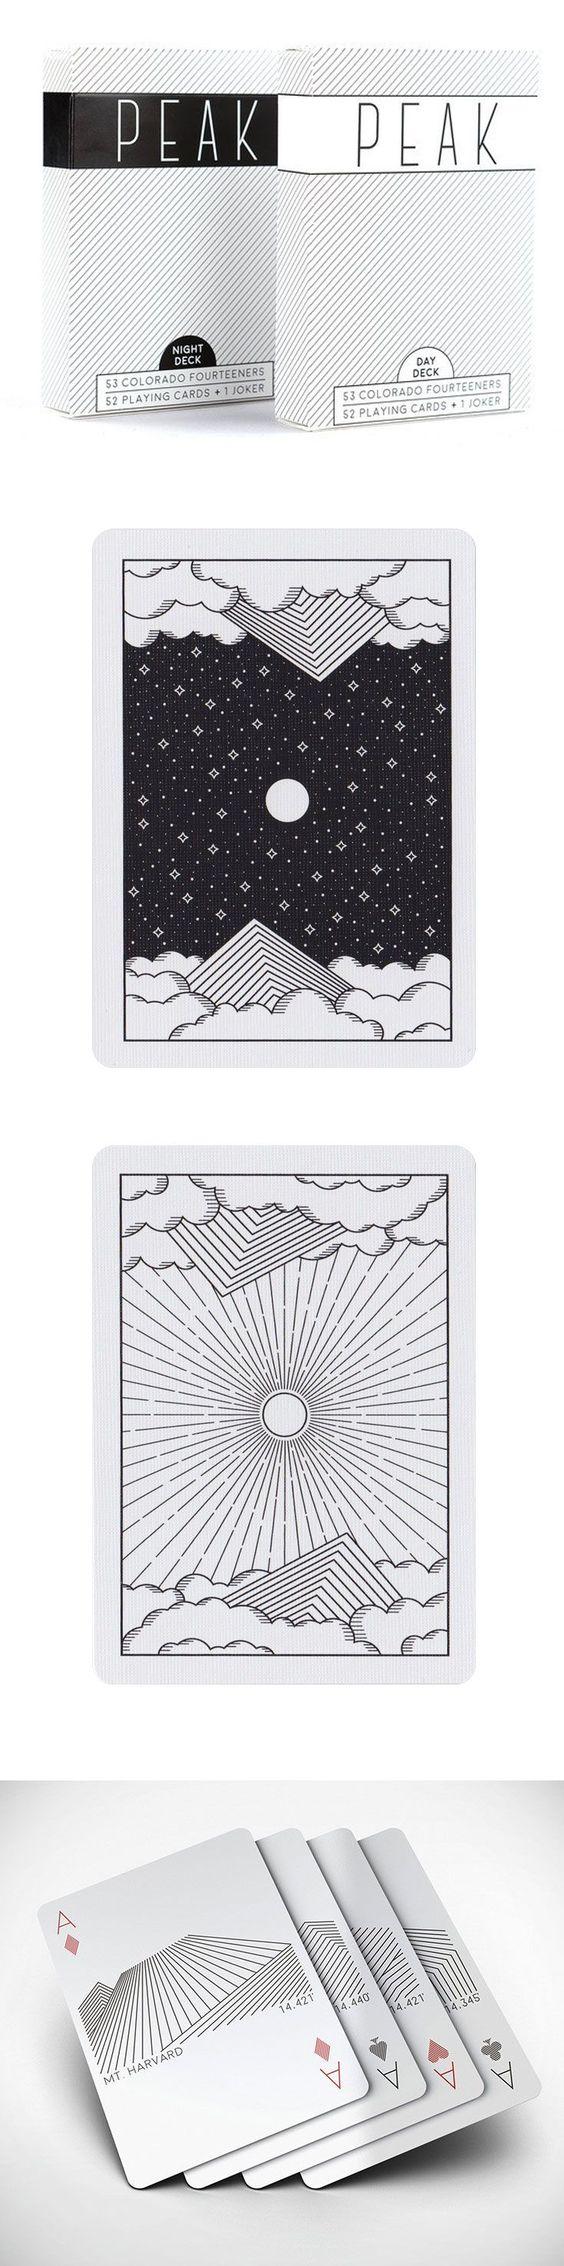 """通过53张定制设计的扑克牌来庆祝科罗拉多53""""14ers""""(海拔14000英尺或更高的山峰),以达到顶峰。从青山(14,279')到山顶巨大的(14,421'),所有五十二张标准扑克牌和一张小丑以十四人之一的极简主义画像,以及高峰的名字和海拔为特色。还包括以红岩为特色的小丑。卡背和折裥箱 - 也许是甲板上最引人注目的元素 - 已被说明与同样简约的高山场景。从Day Deck或Night Deck中选择并开始计划下一次冒险。详细信息所有53 14岁儿童的定制插图52张标准扑克牌加上两个笑脸和一张空白纸由美国高品质扑克牌打印扑克牌公司在Kickstarter上成功获得资金"""